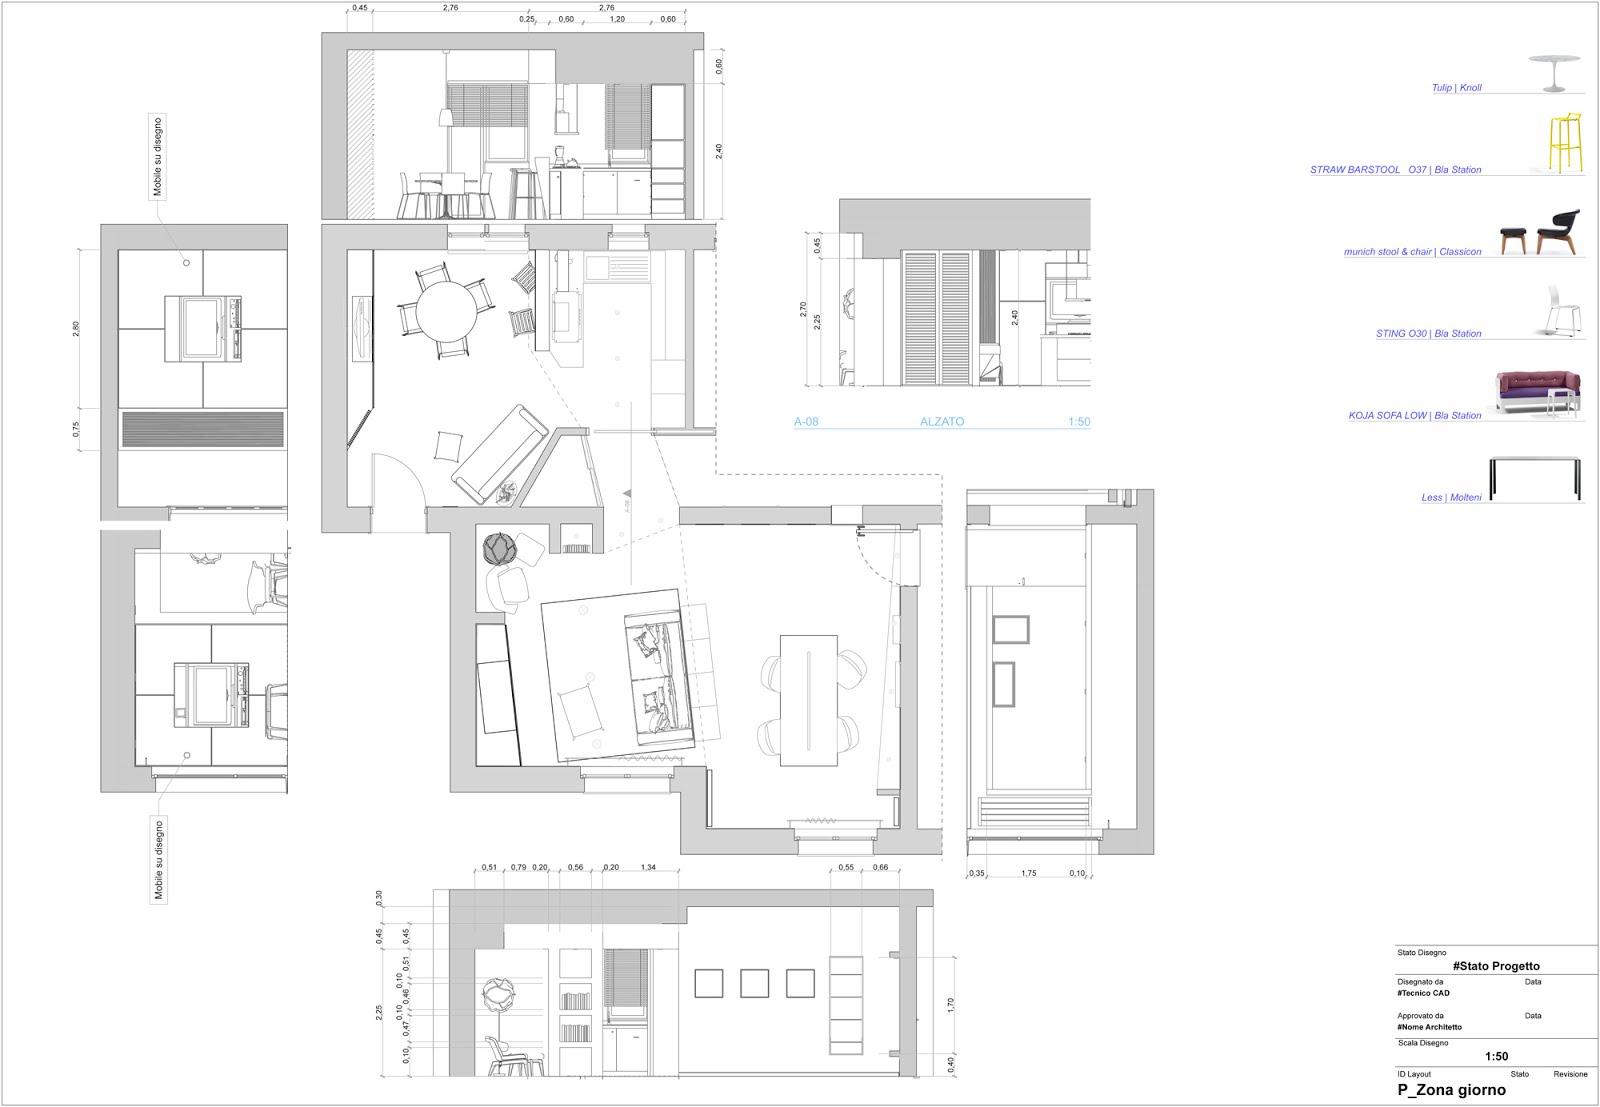 Ferretti studio ristrutturazione appartamento residenziale for Progetto di ristrutturazione